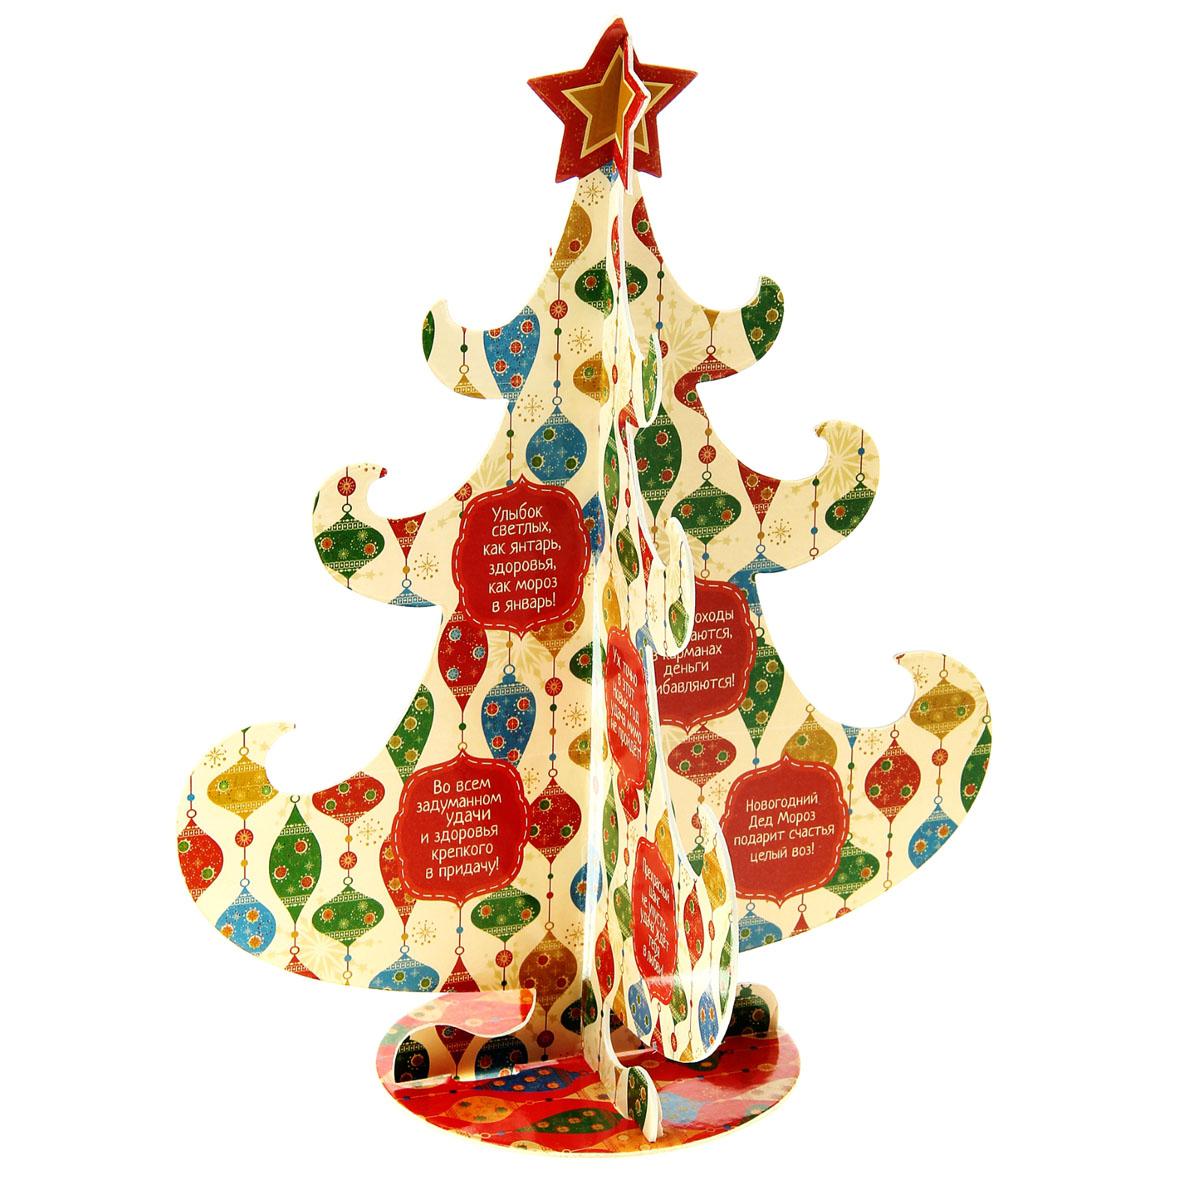 Украшение новогоднее Sima-land Елка со стикерами. Пожелания, 19,8 х 25,4 см 813548813548Новогоднее украшение Sima-land Пожелания, изготовленное из картона, отлично подойдет для декорации вашего дома. Украшение выполнено в виде сборной ели на подставке с пожеланиями. В комплекте блок стикеров с надписью Пожелание для тебя. Отклейте стикер и узнайте, чего желает вам елочка! Новогодние украшения всегда несут в себе волшебство и красоту праздника. Создайте в своем доме атмосферу тепла, веселья и радости, украшая его всей семьей.